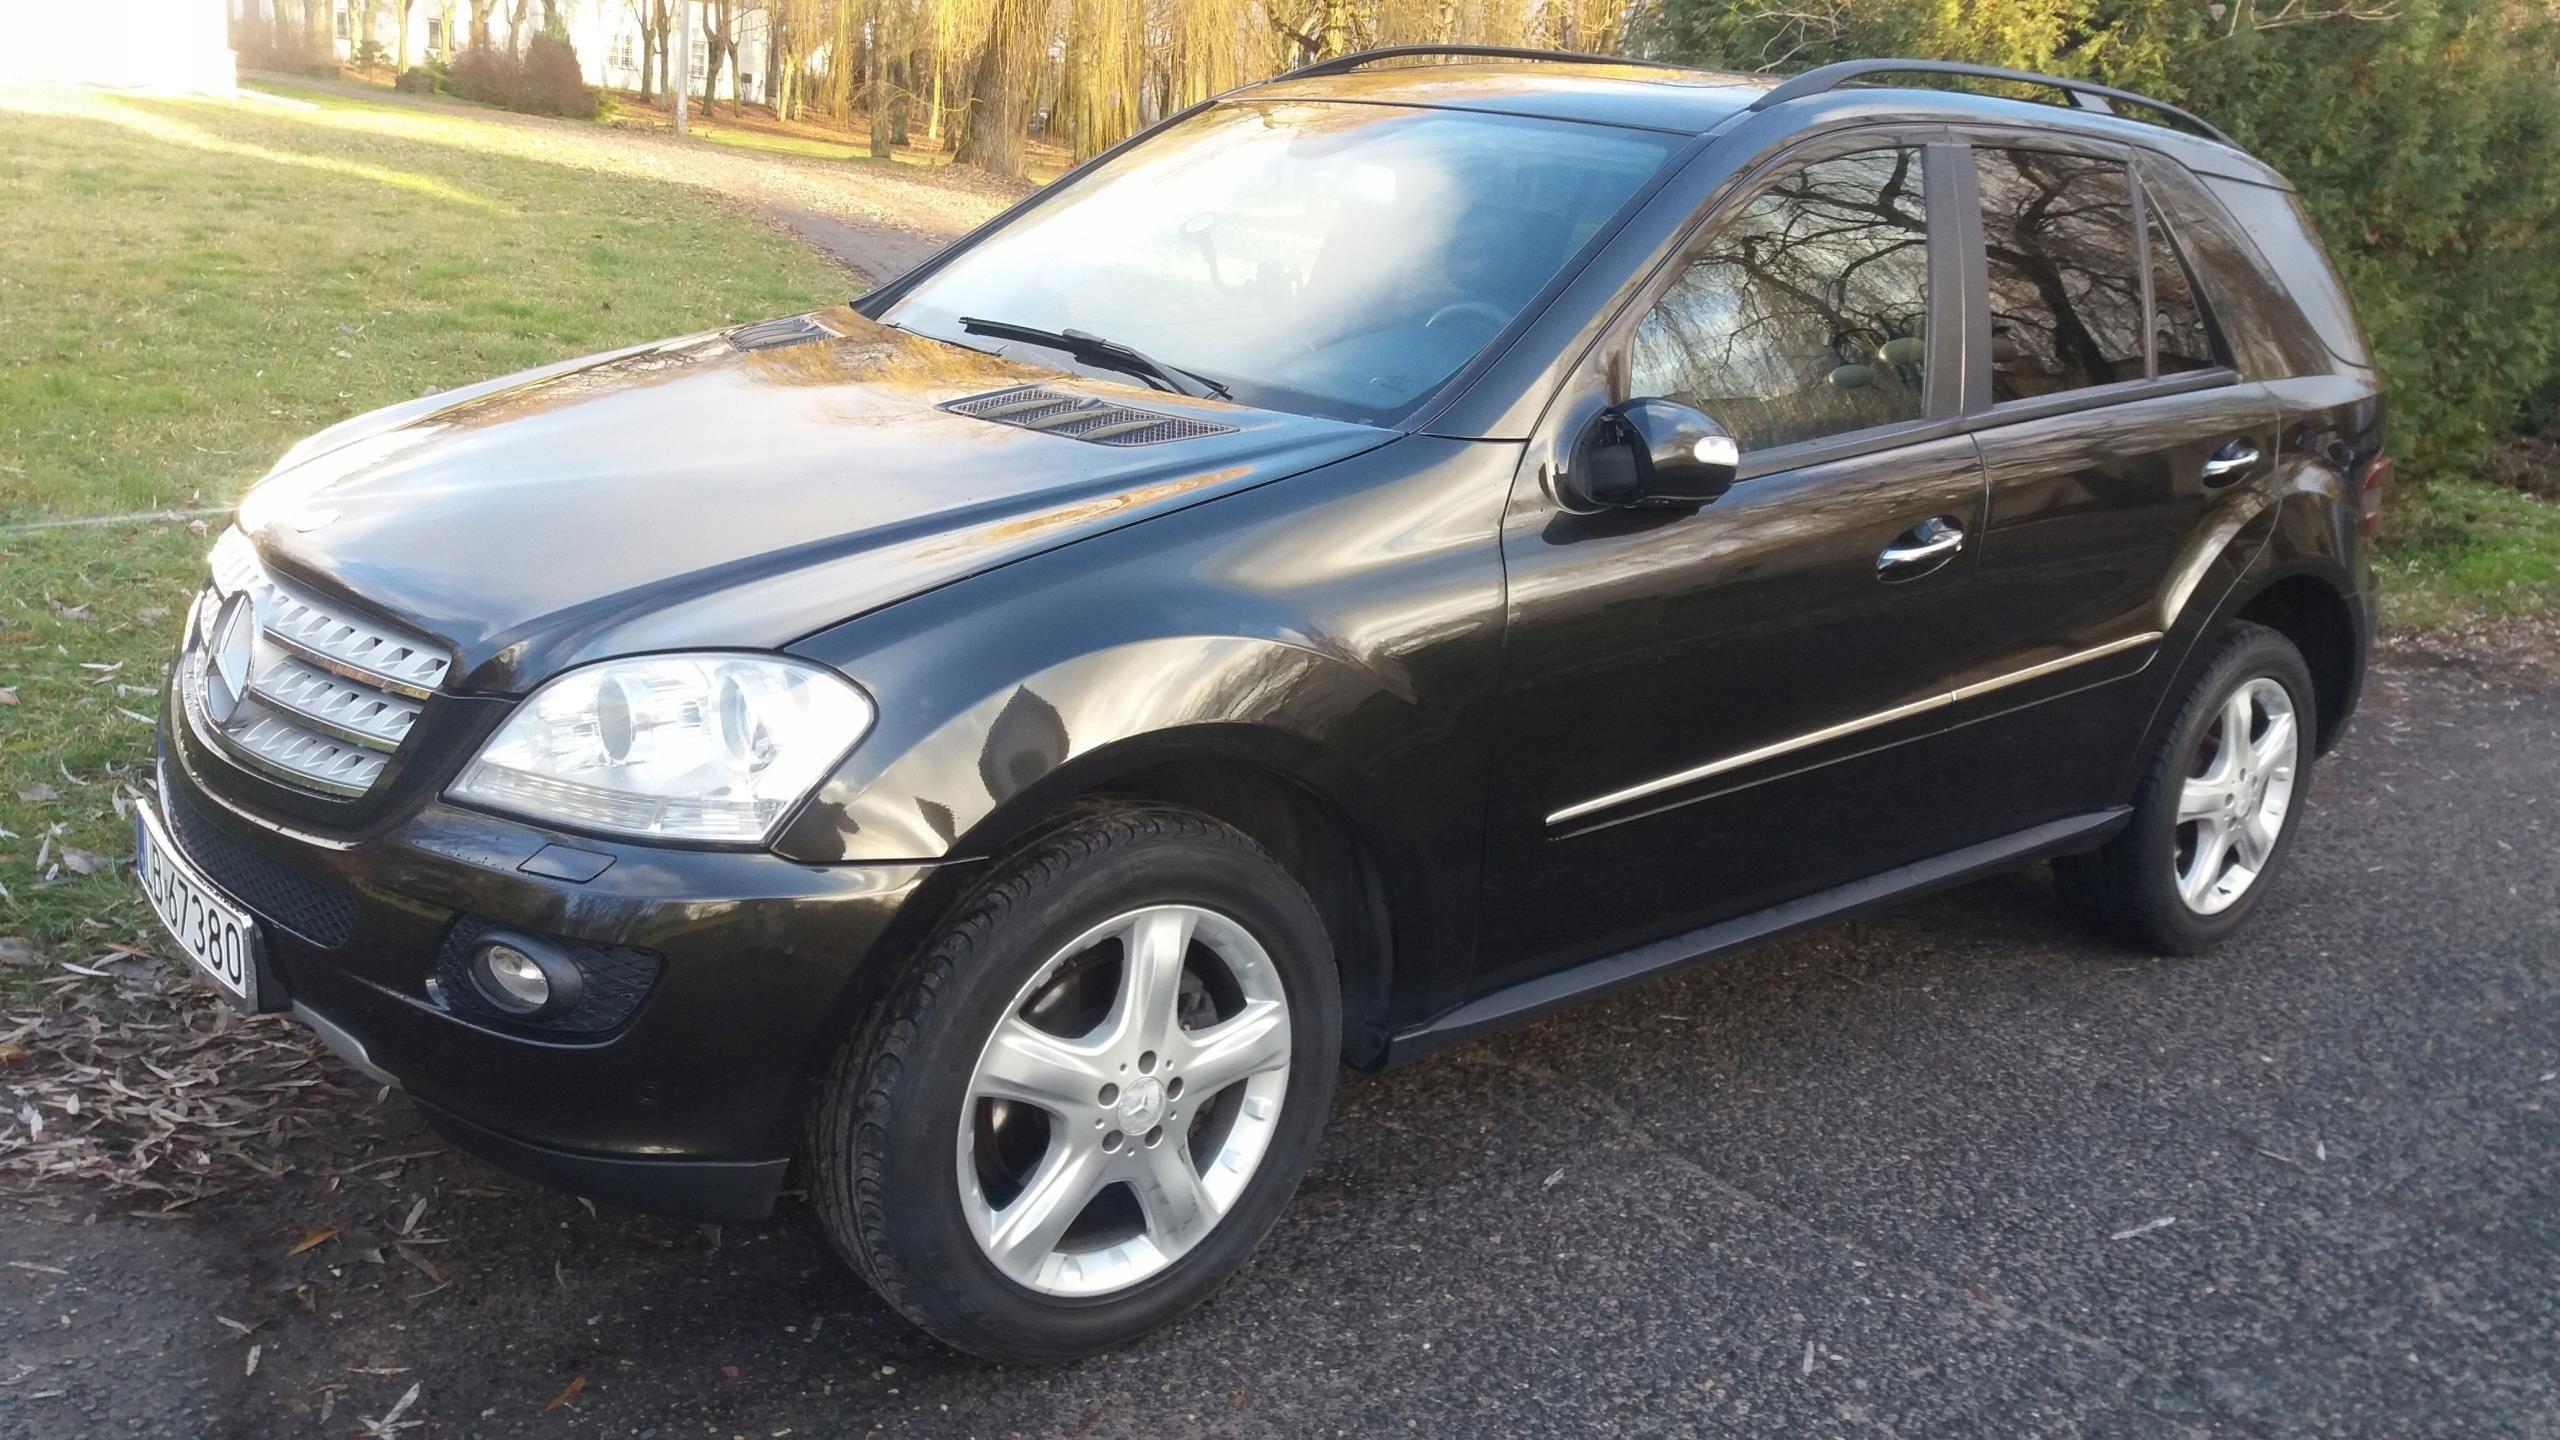 Mercedes Ml W164 Idealny 320cdi 4x4 Opinie I Ceny Na Ceneo Pl